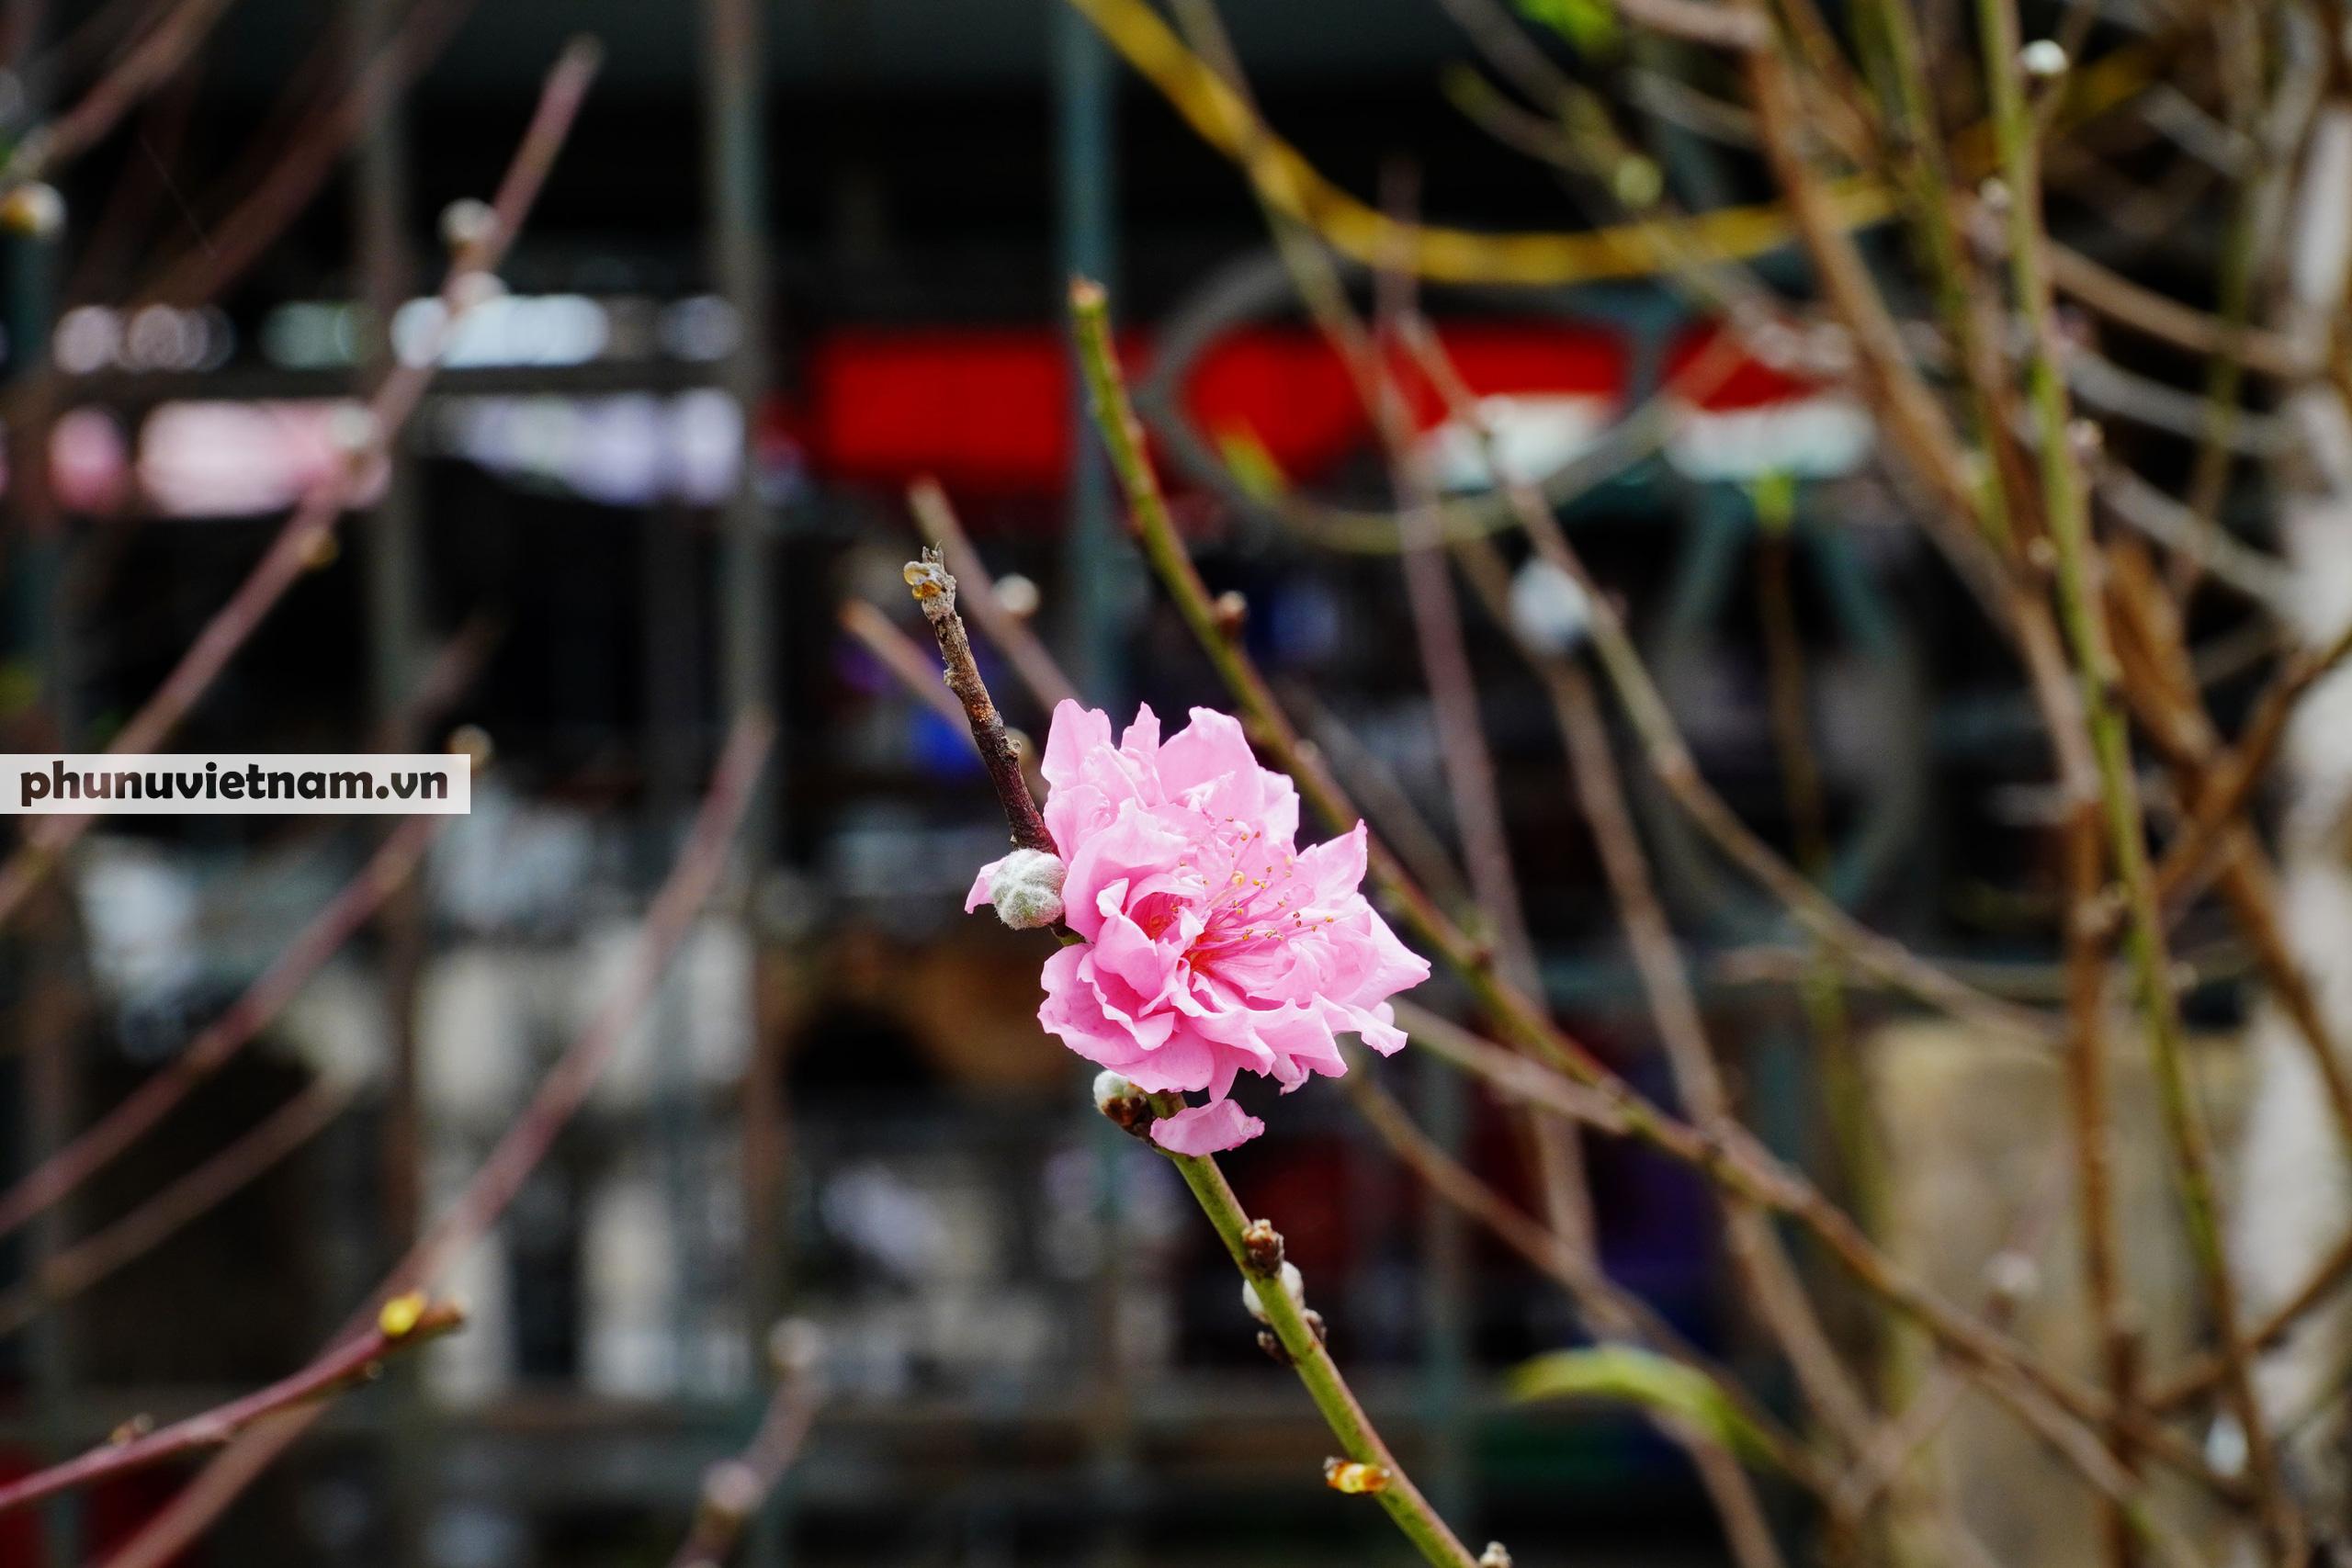 Đào Nhật Tân nở sớm hơn mọi năm, người trồng cầu mong giá rét kéo dài - Ảnh 6.